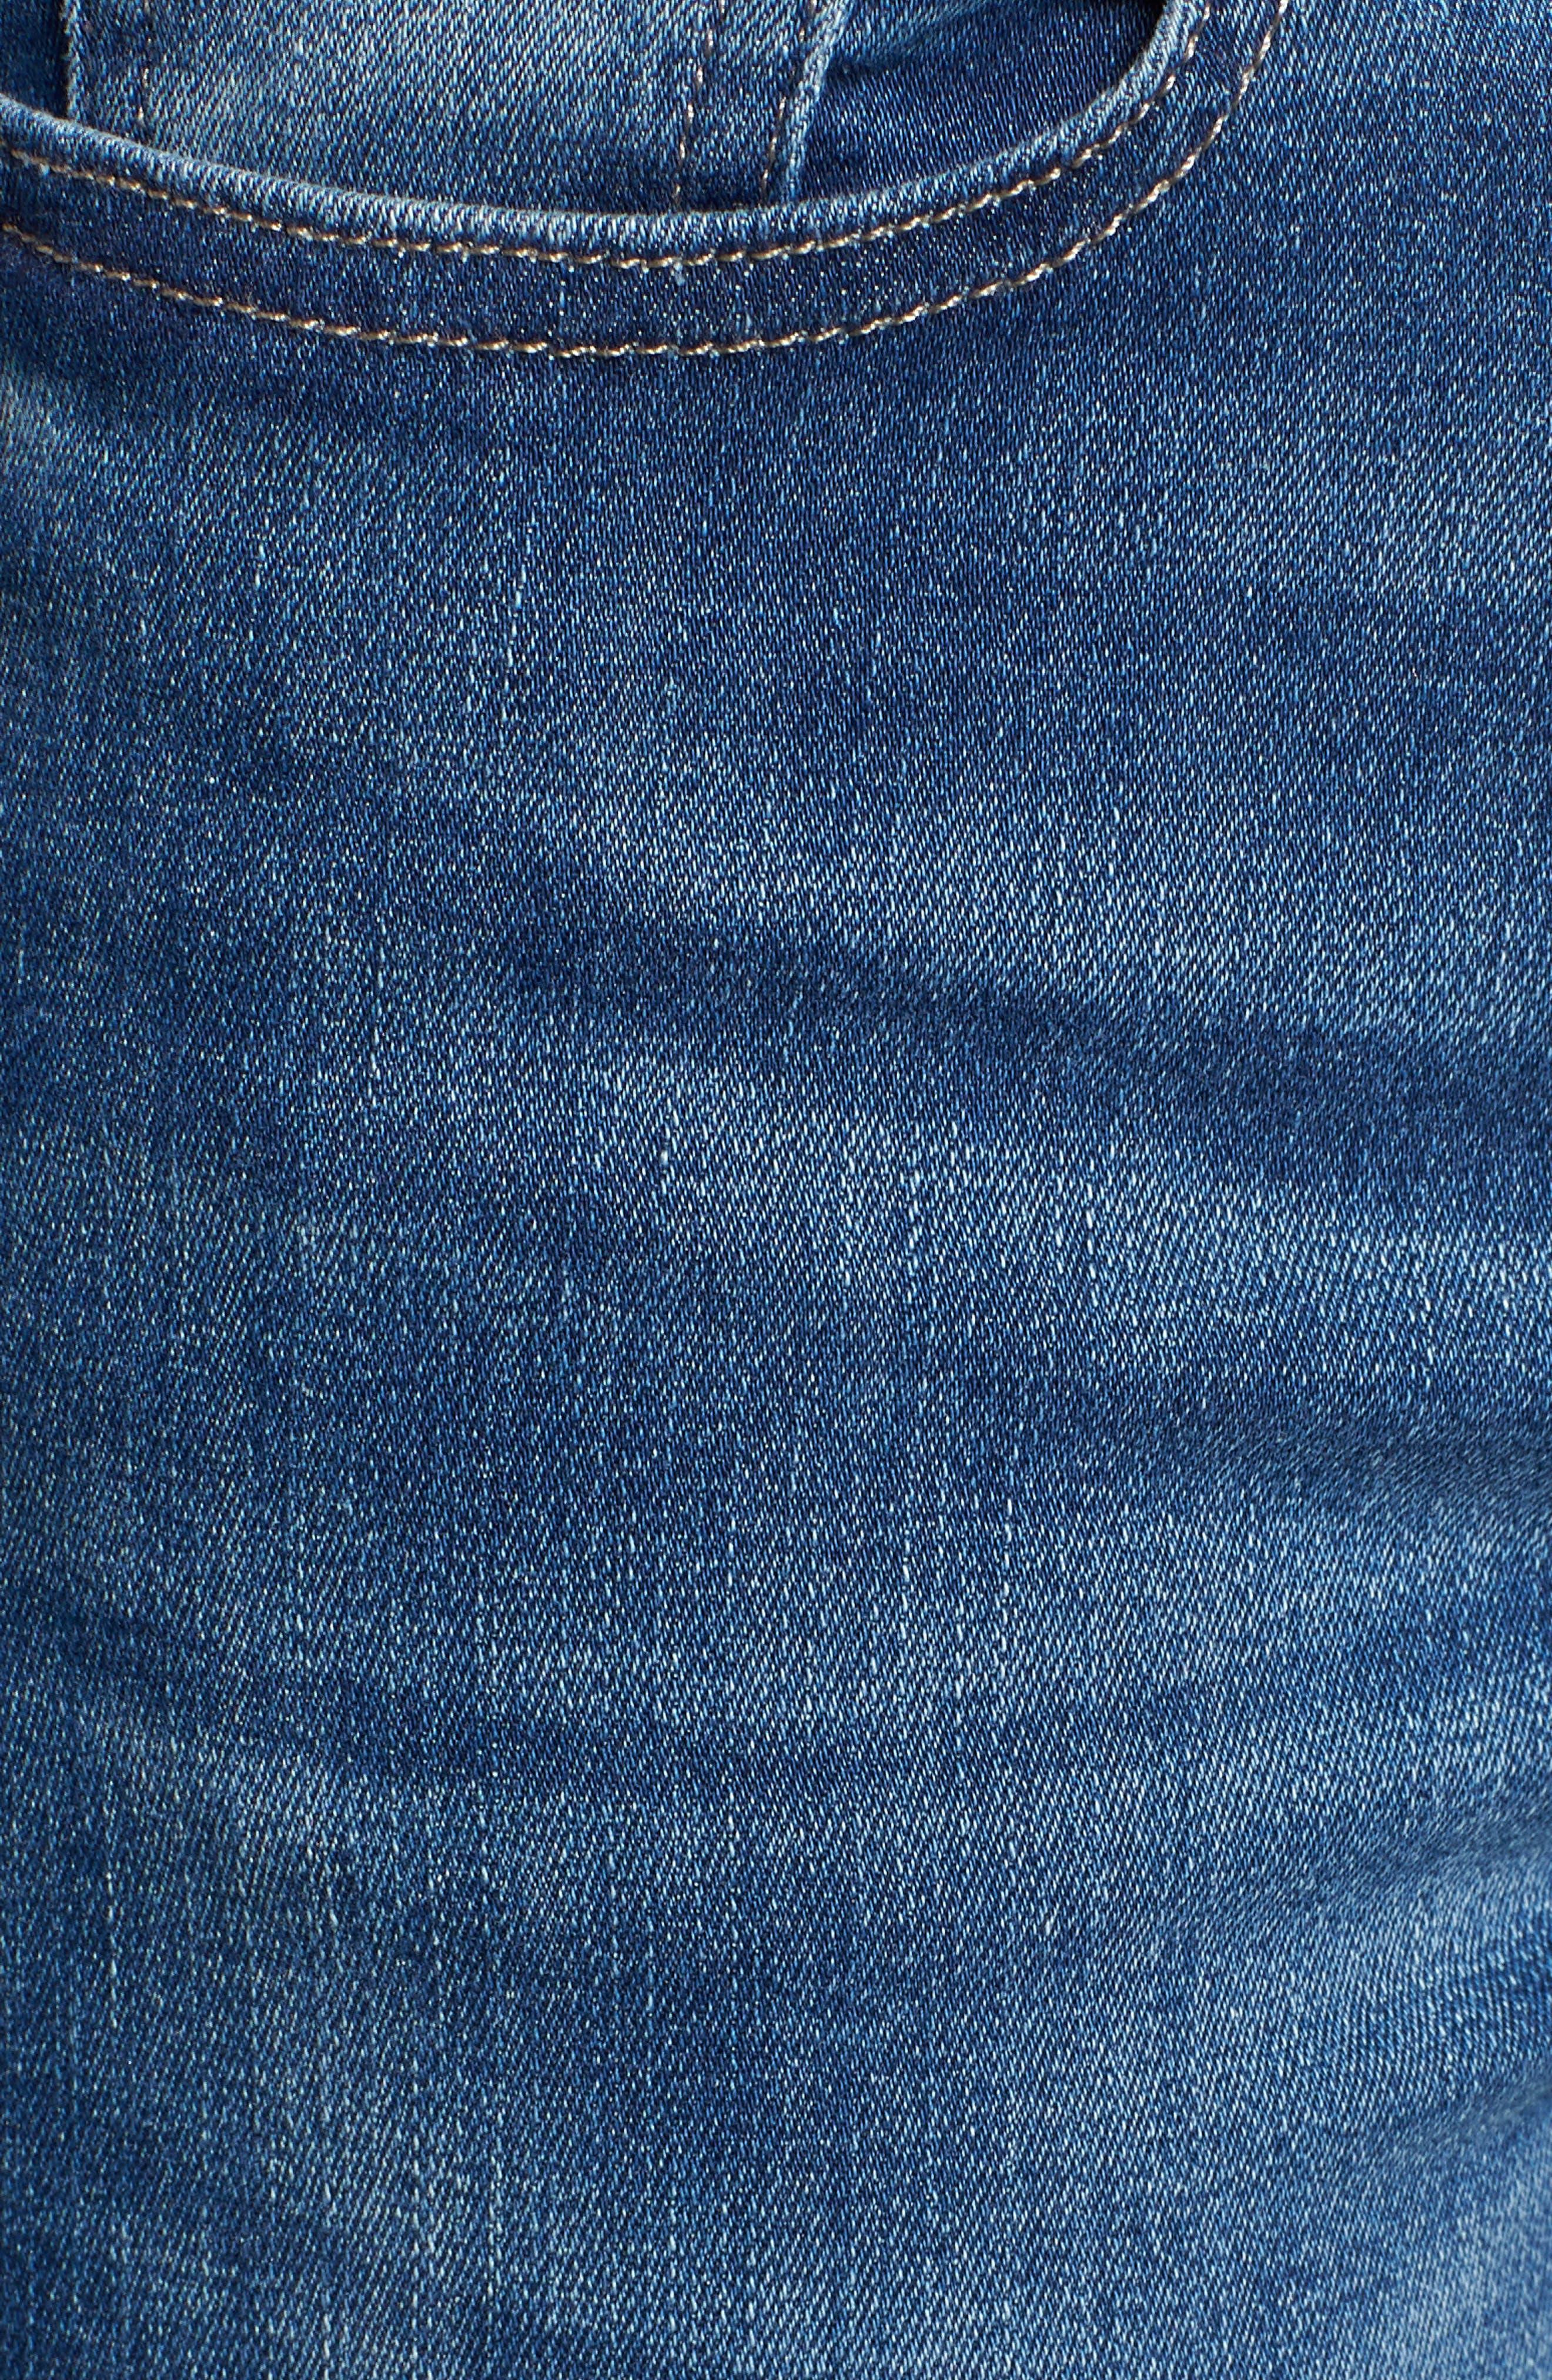 Bridget Instasculpt Bootcut Jeans,                             Alternate thumbnail 6, color,                             425